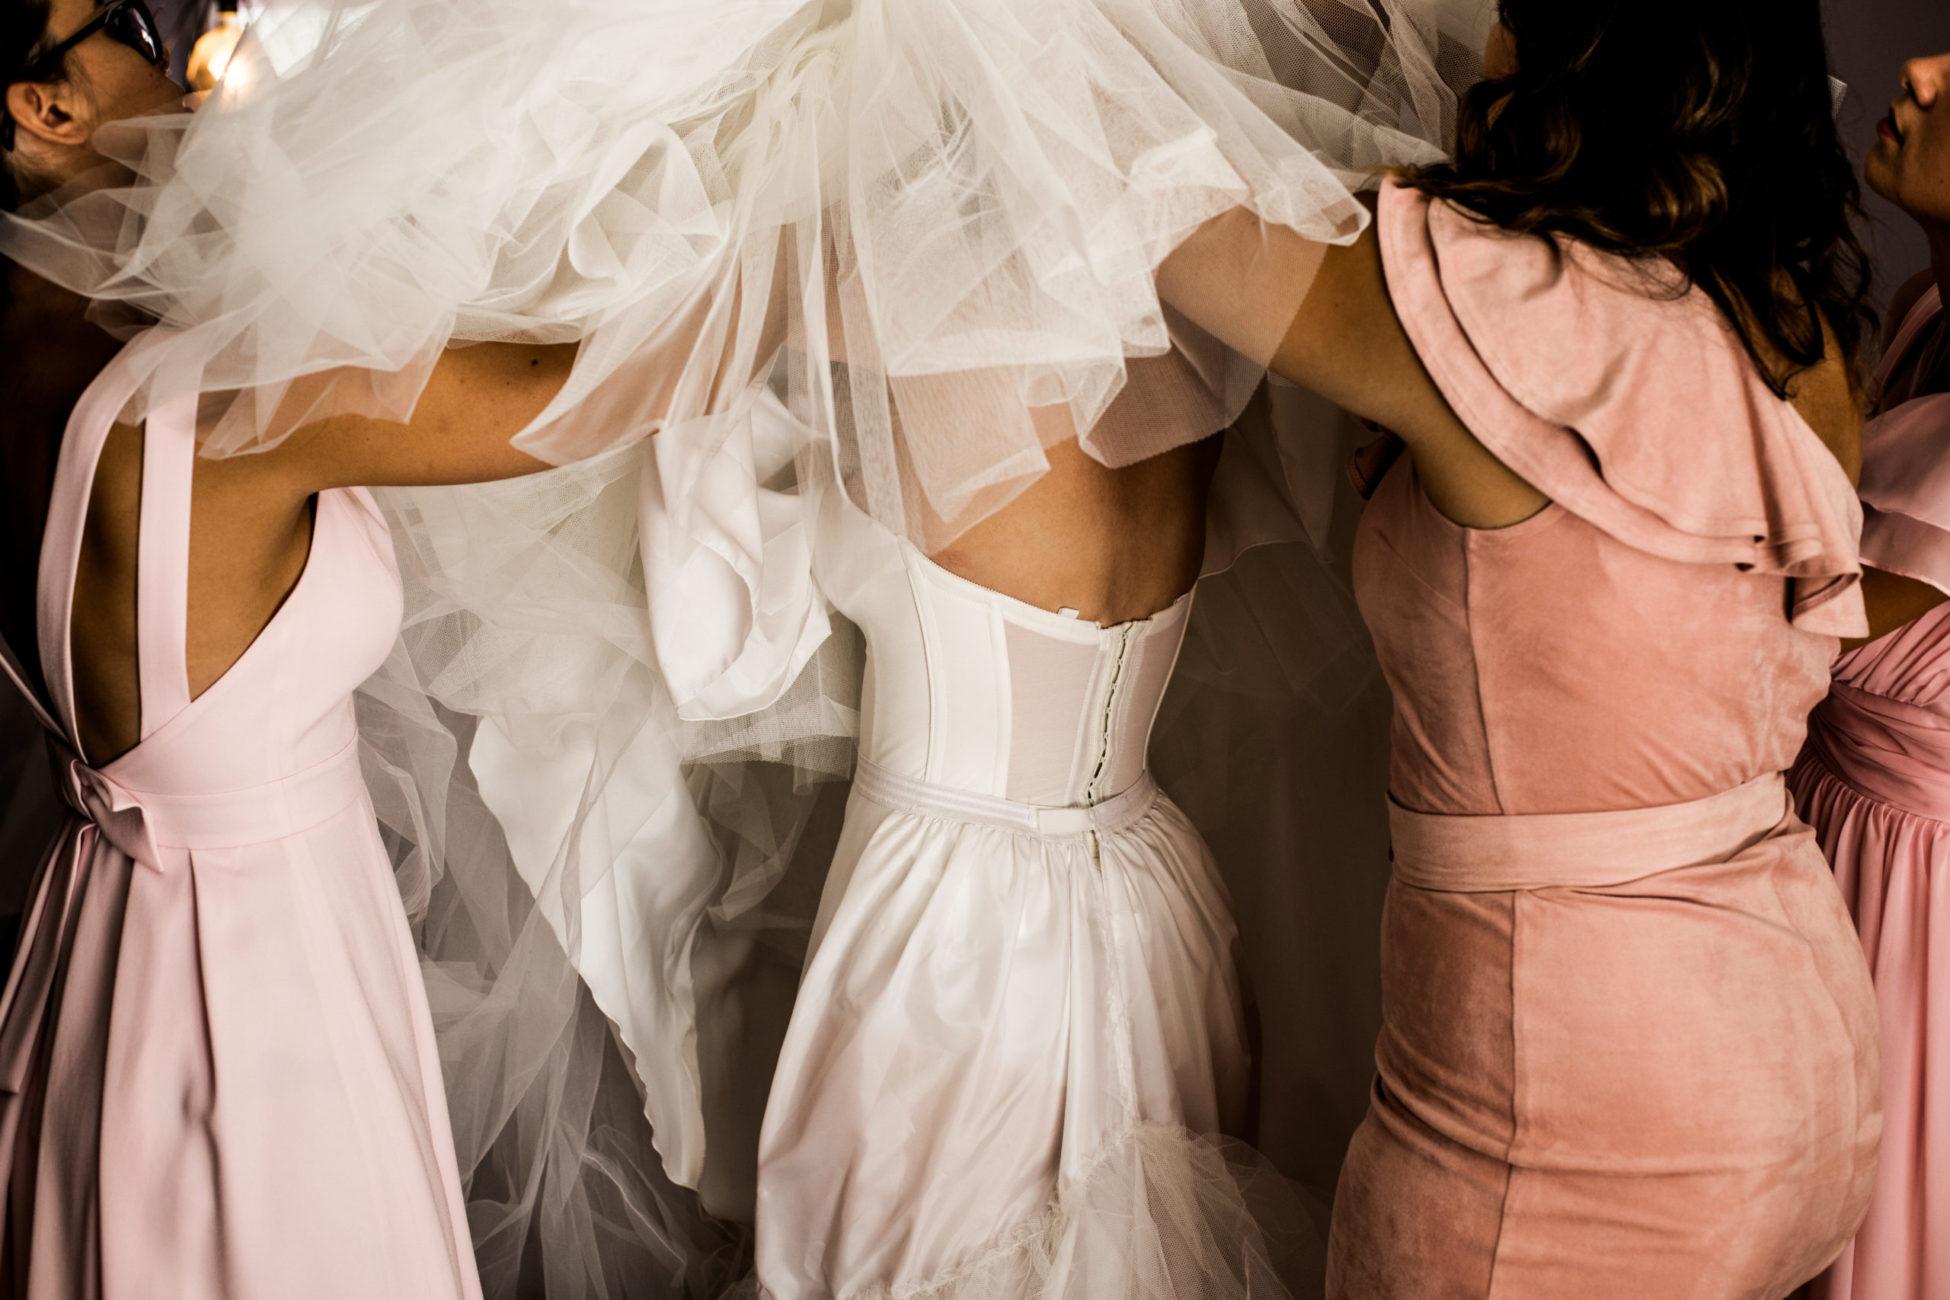 details de la mariee - preparatifs reportage de mariage seine et marne - photographe mariage lifestyle marne la vallee - photos de mariage laique - dalale shoeir photographe